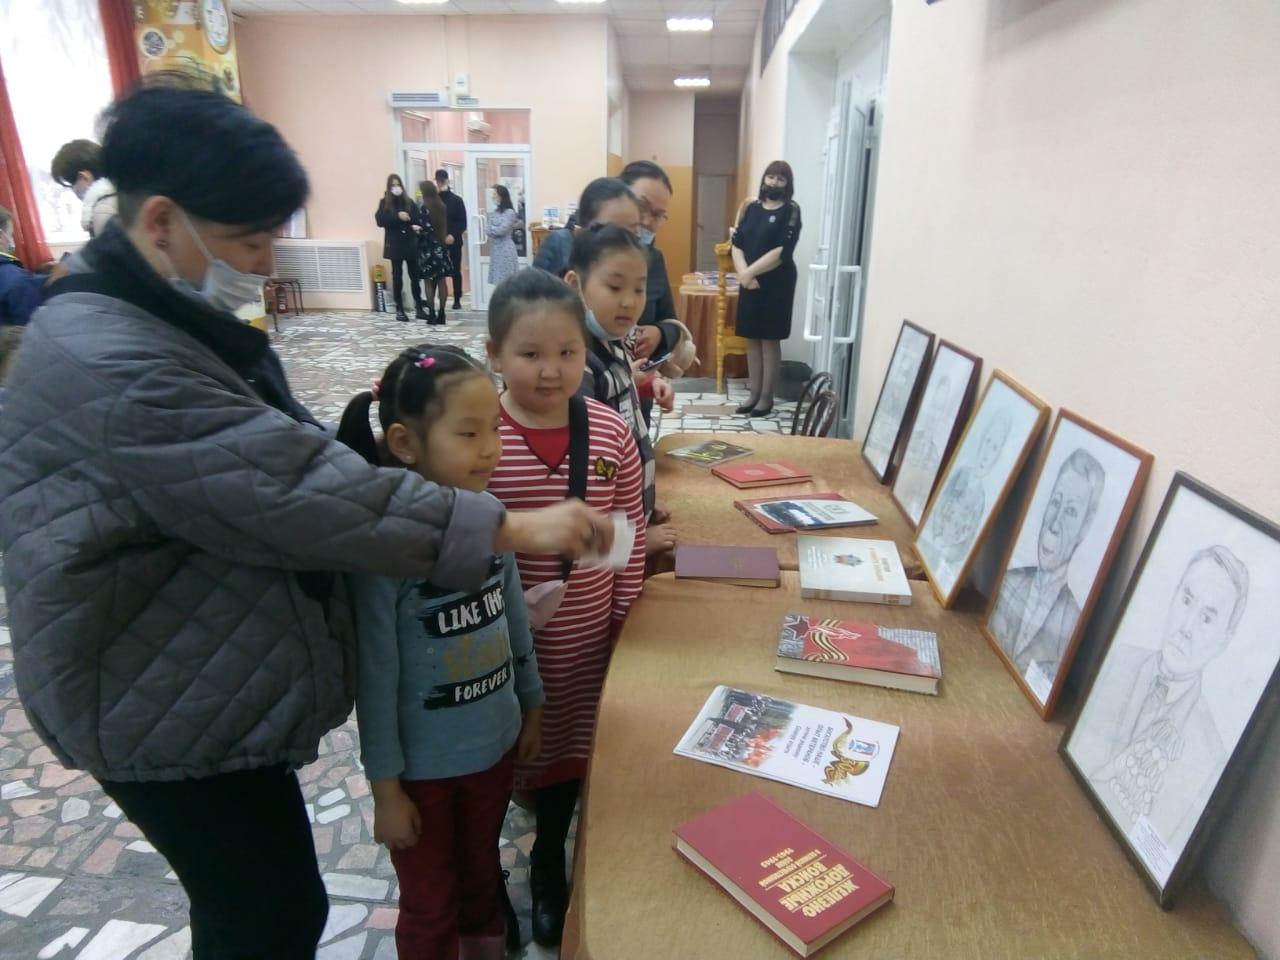 Вспомним всех поименно. Учащиеся Алданской школы искусств им. А.Т. Никитина рисуют портреты ветеранов войны